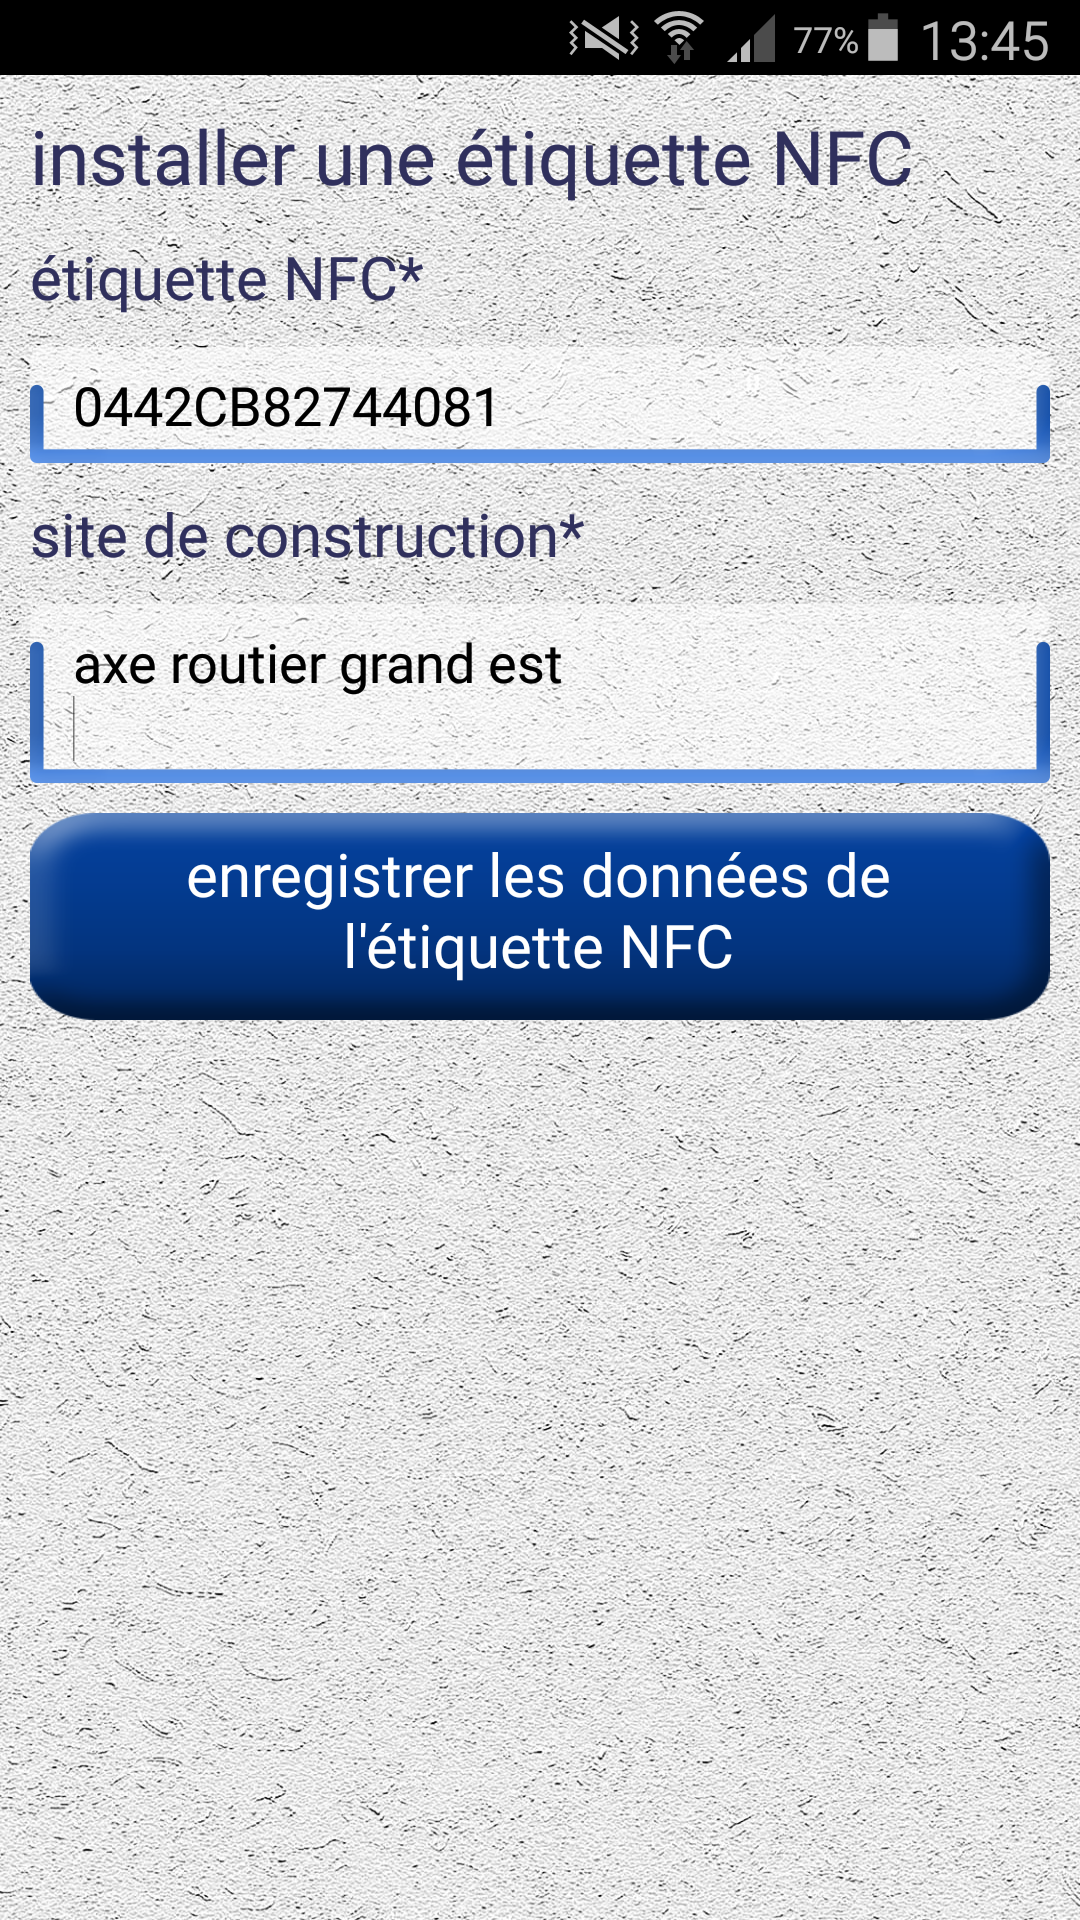 ginstr_app_roadSafetyChecklist_FR_8